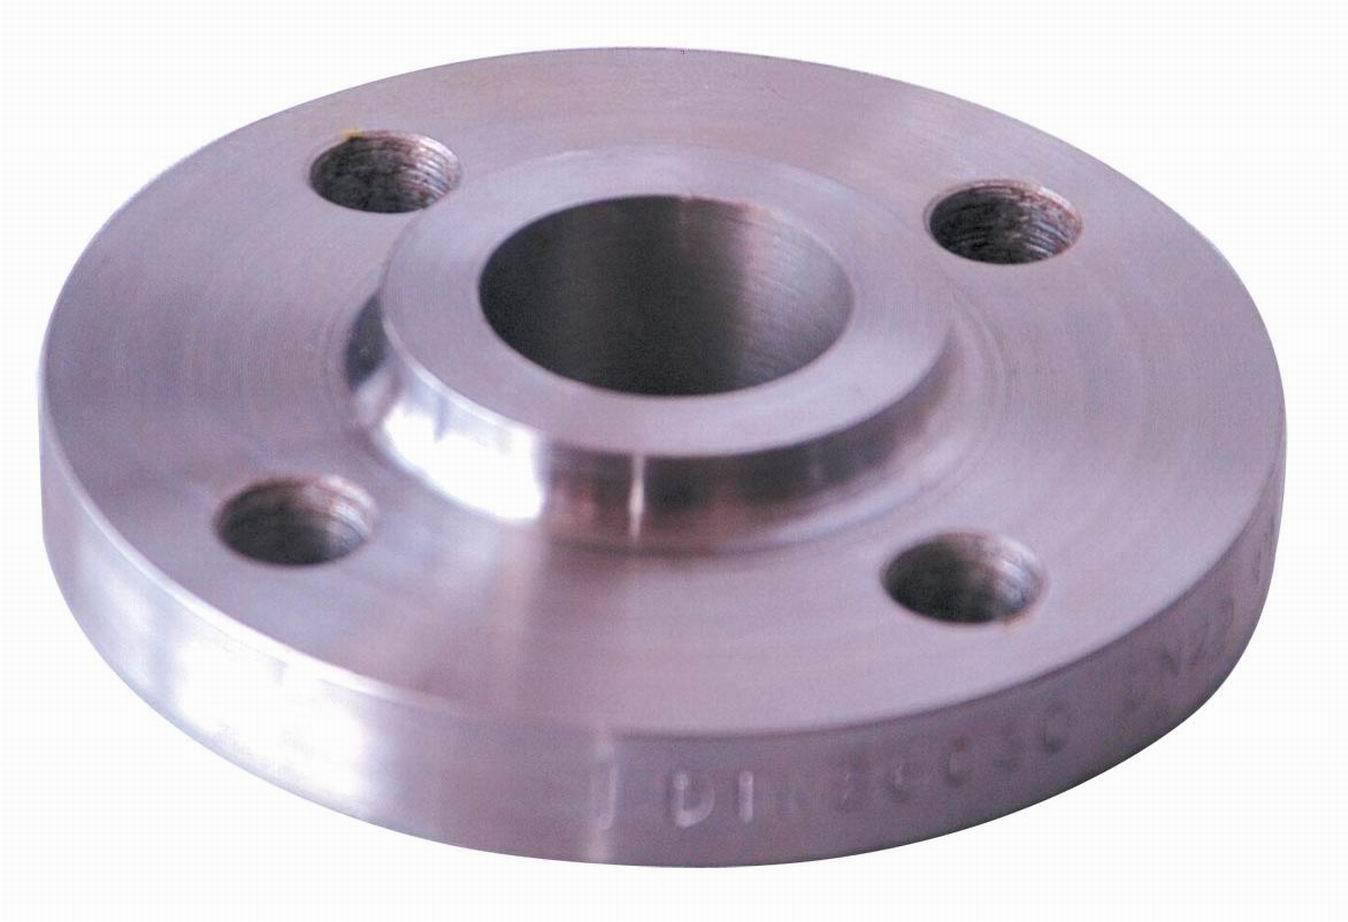 Carbon Steel Flanges : China carbon steel flanges aslip on nsi